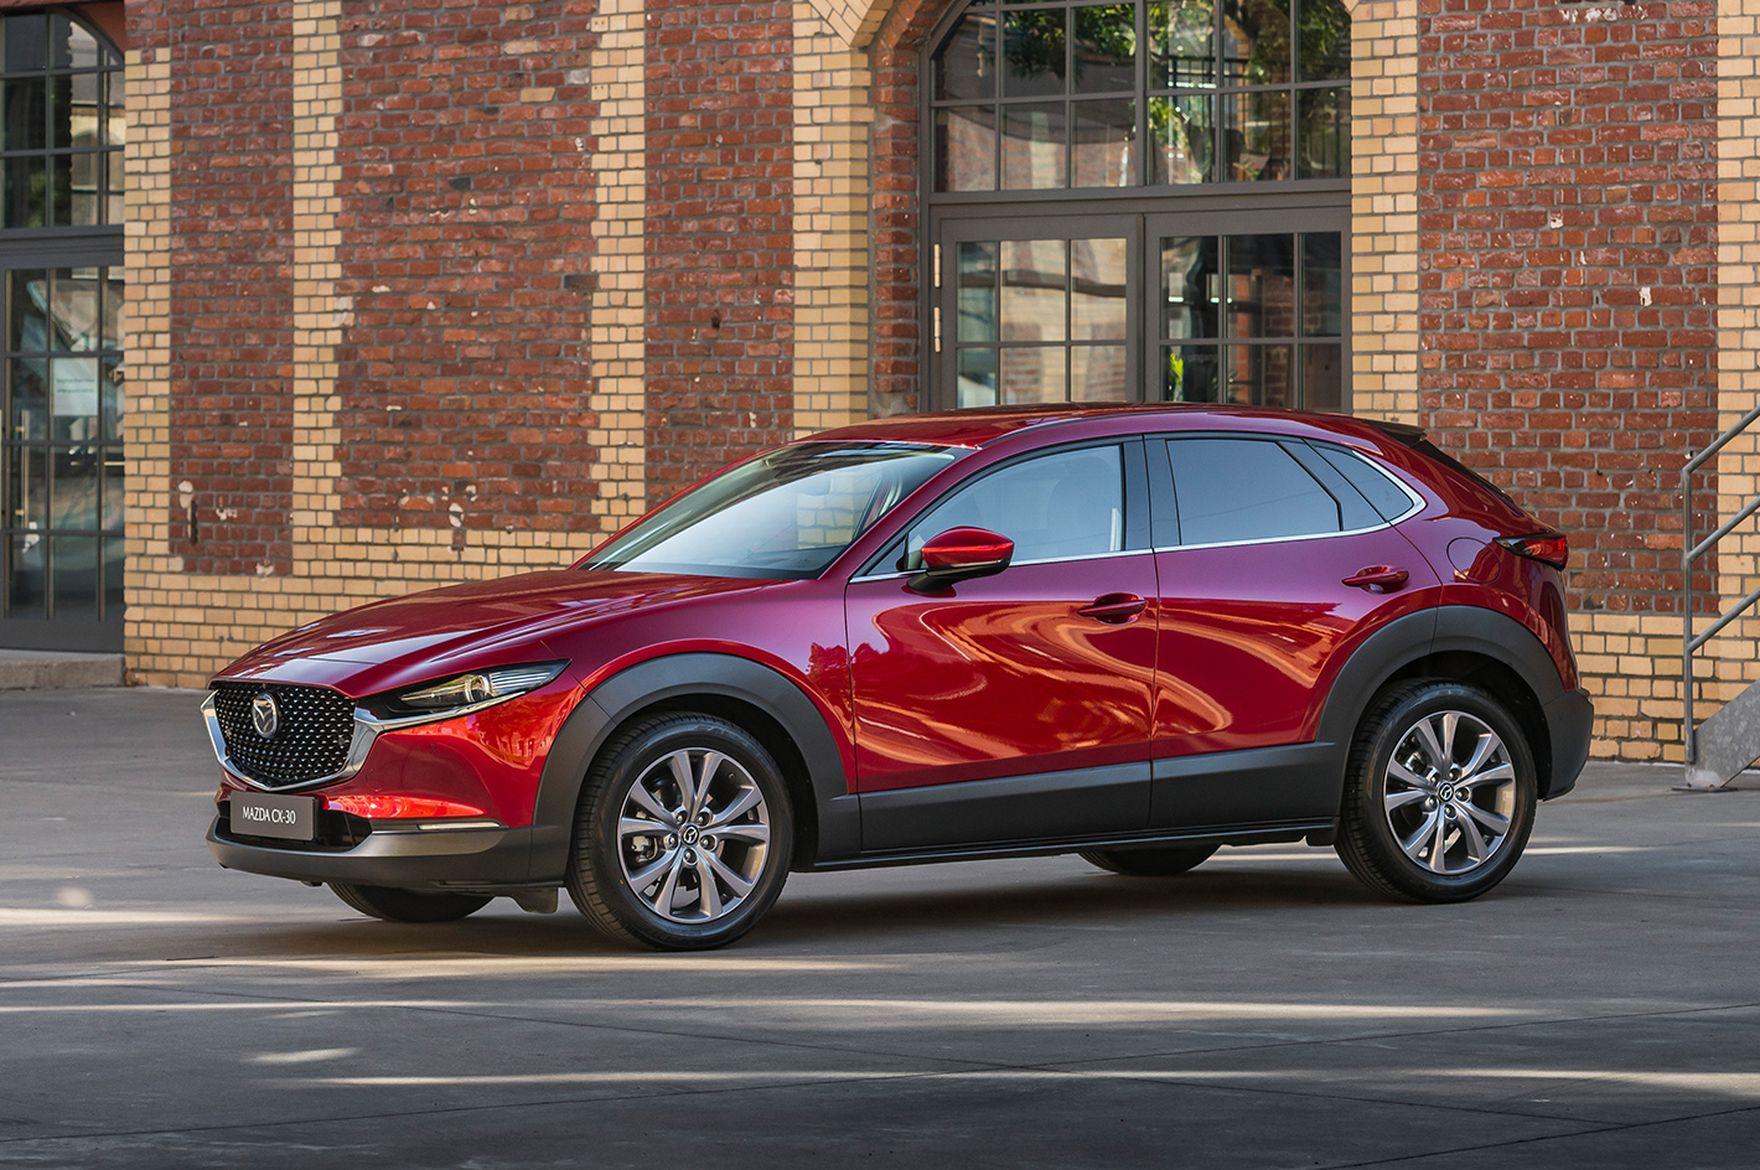 Styl w nowoczesnym opakowaniu. Co oferuje Mazda CX-30?